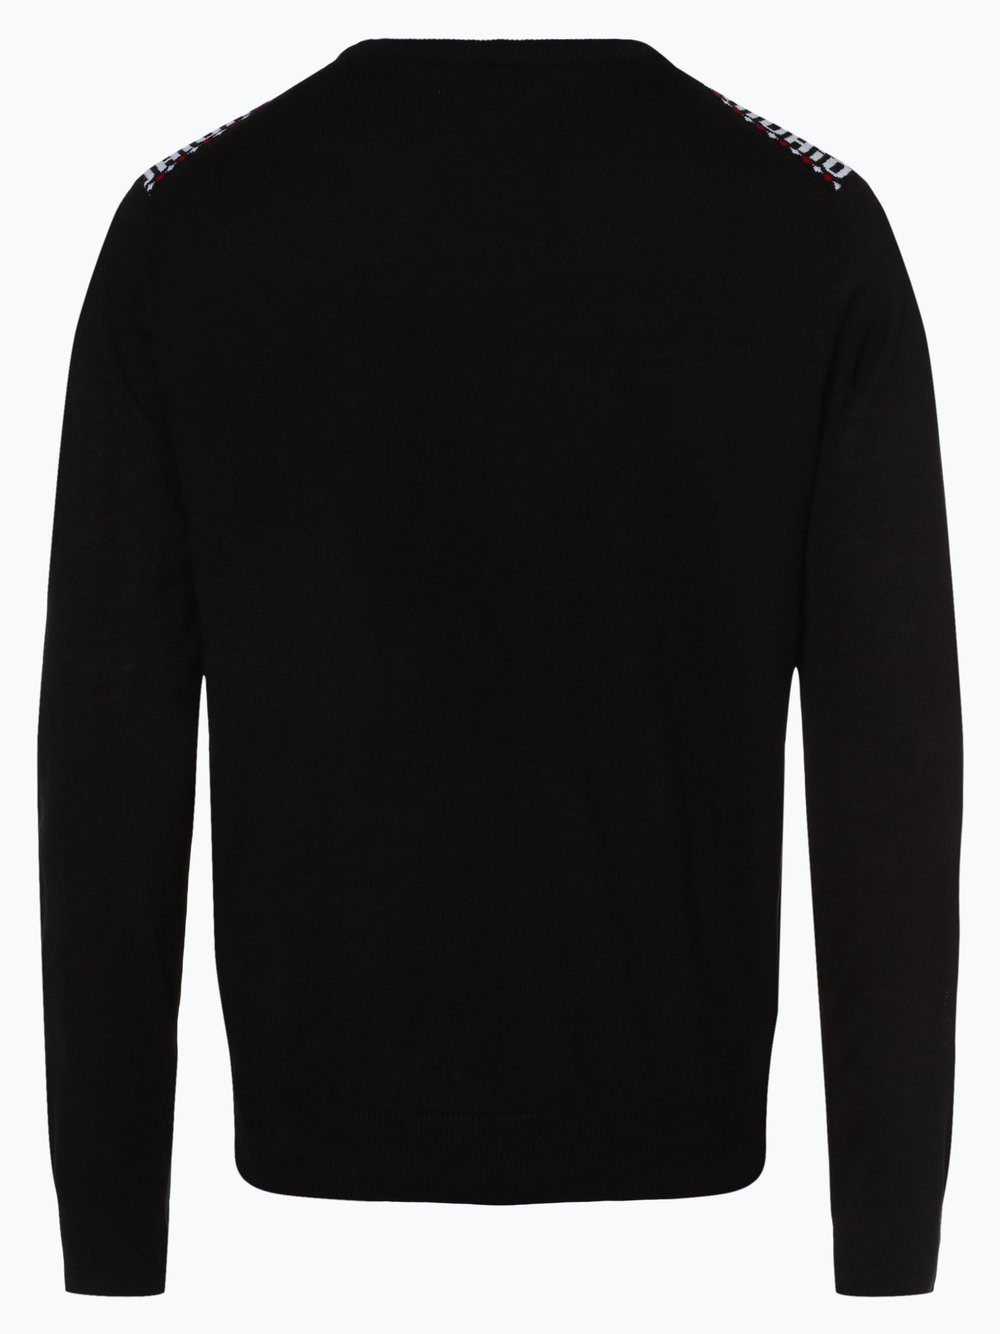 Nils Sundström Herren Pullover online kaufen | VANGRAAF.COM